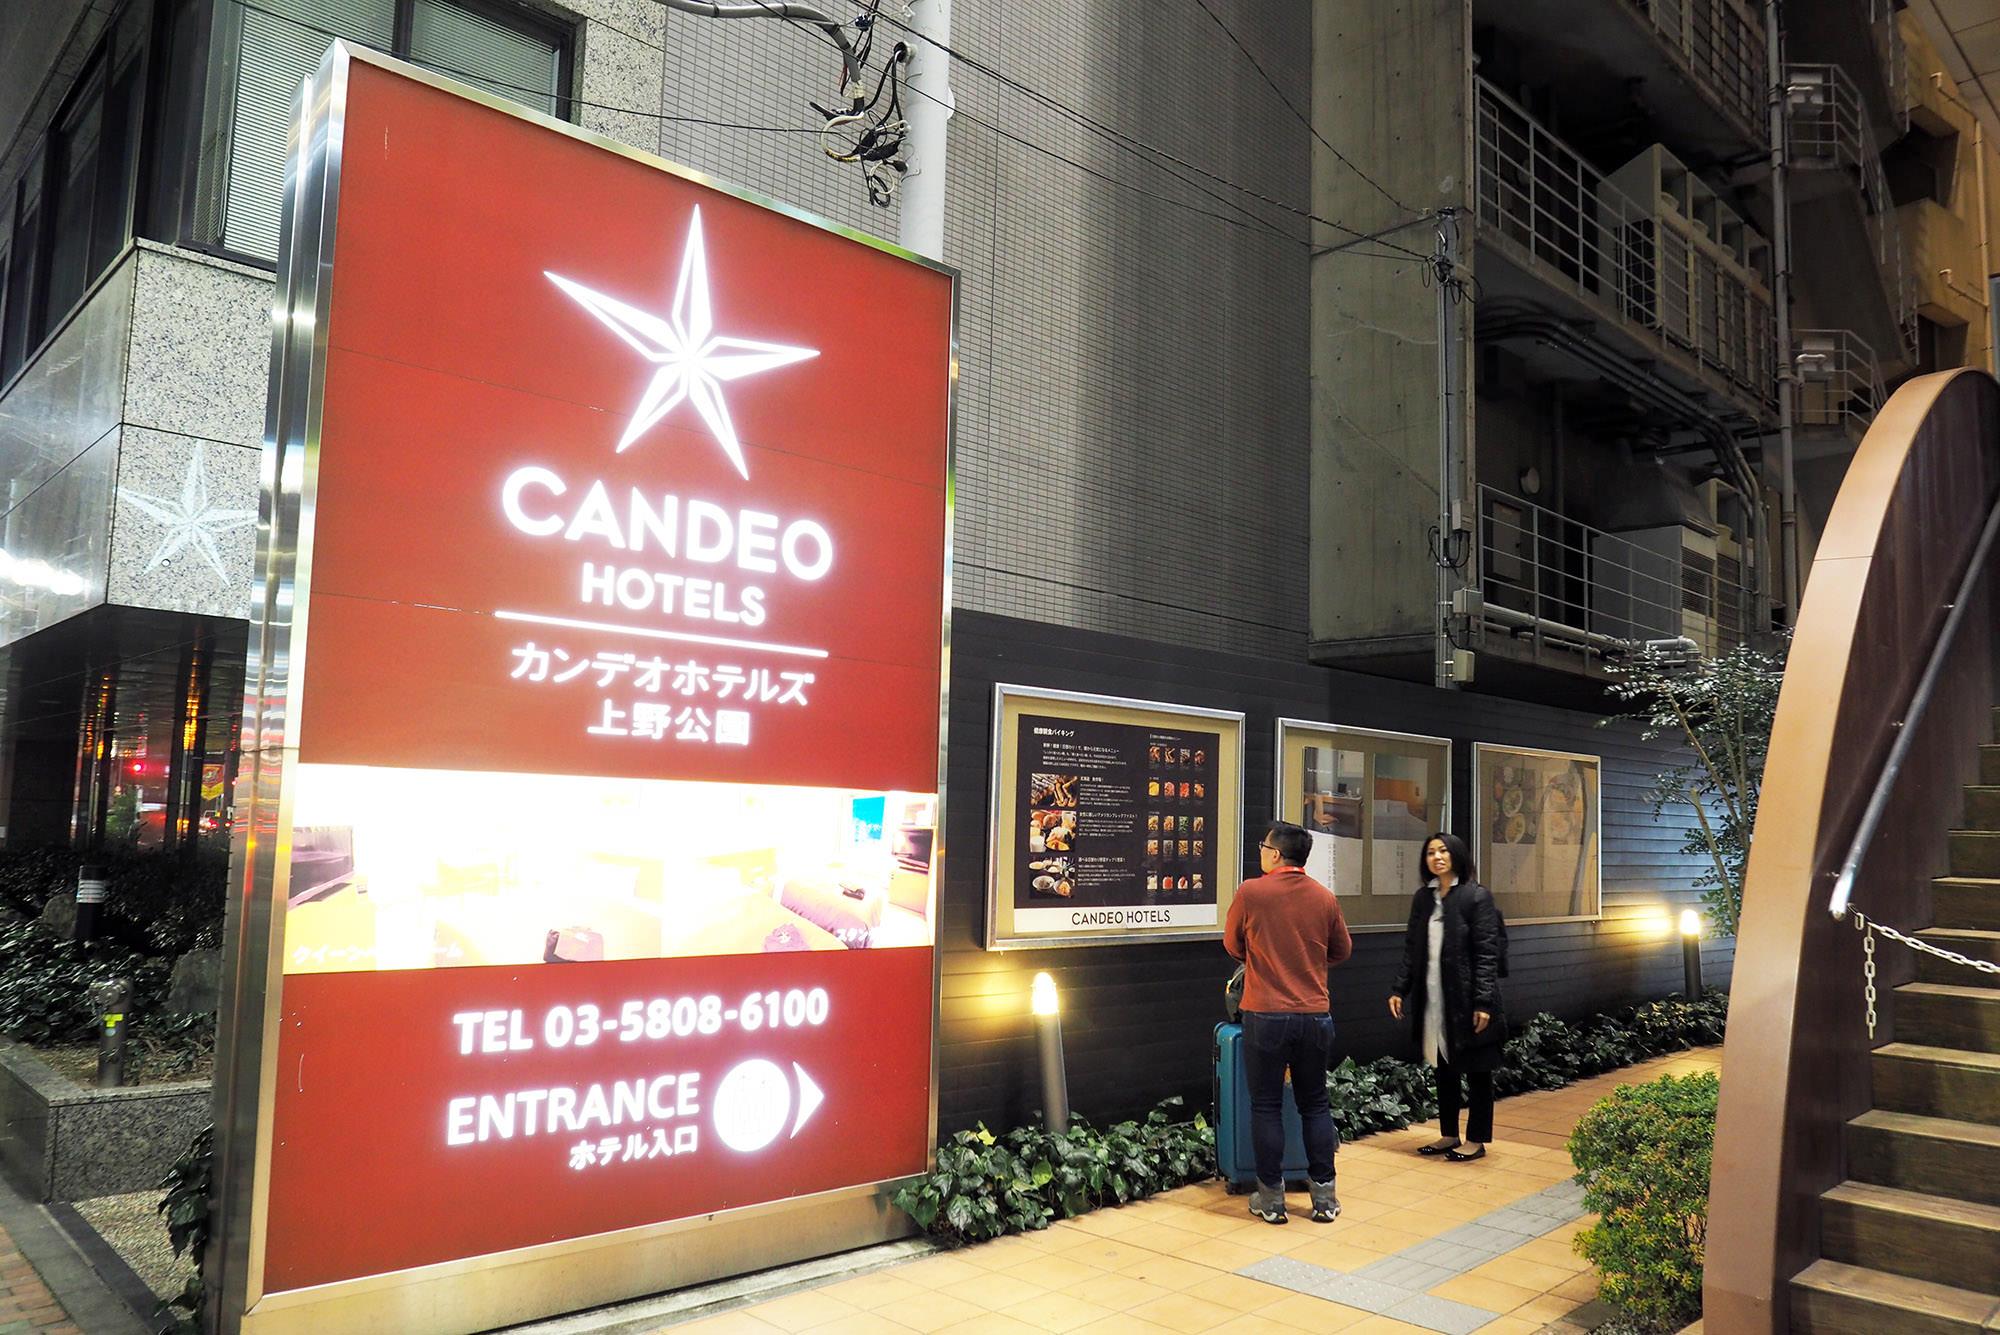 東京,上野公園,光芒酒店,Candeo Hotels Ueno Koen,鶯谷駅